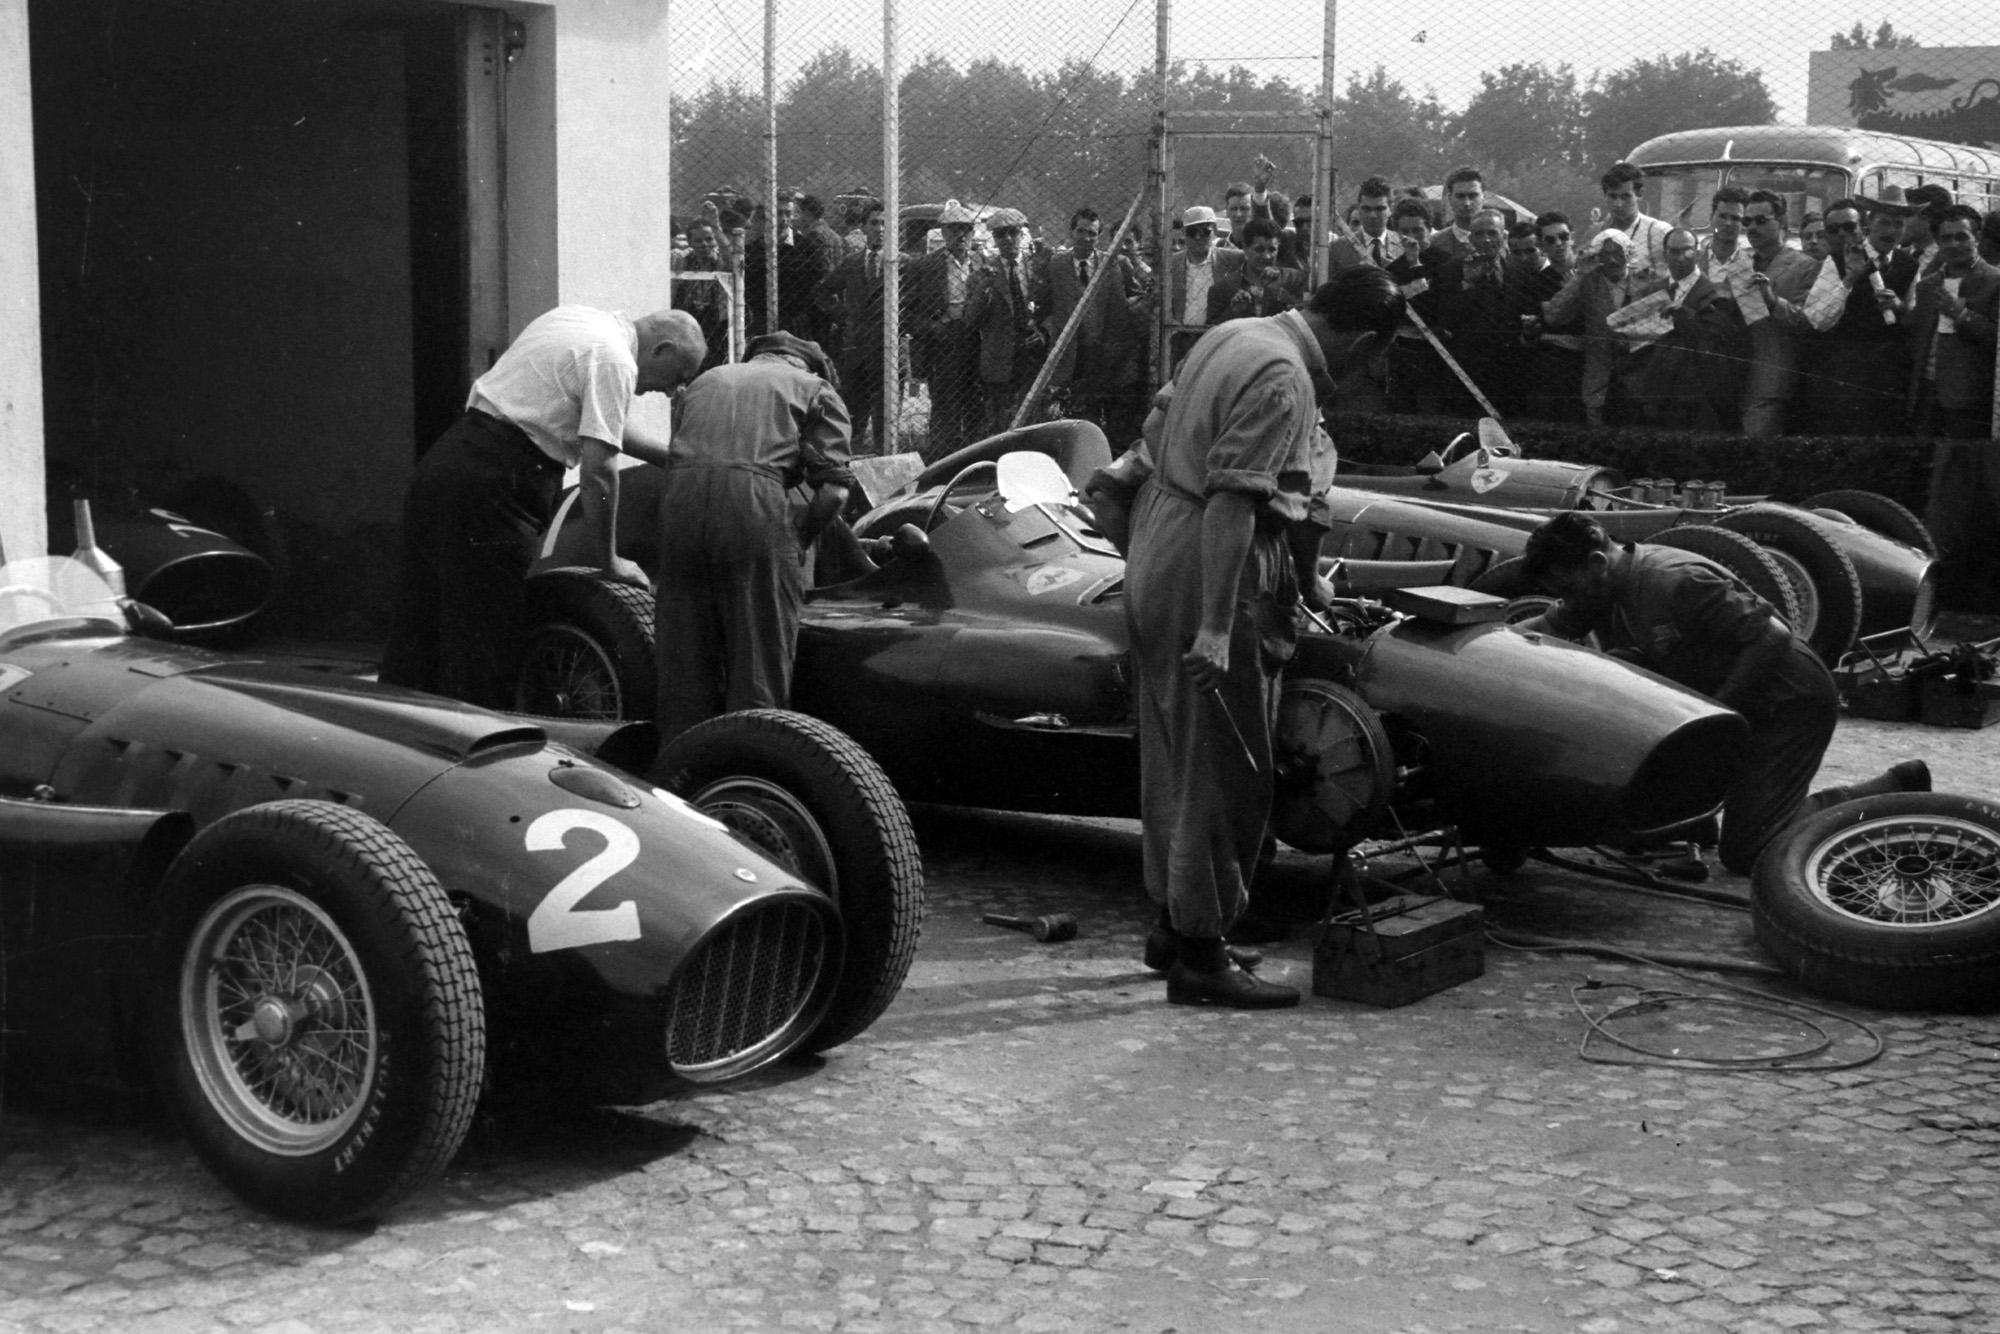 Ferraris are prepared in the pits